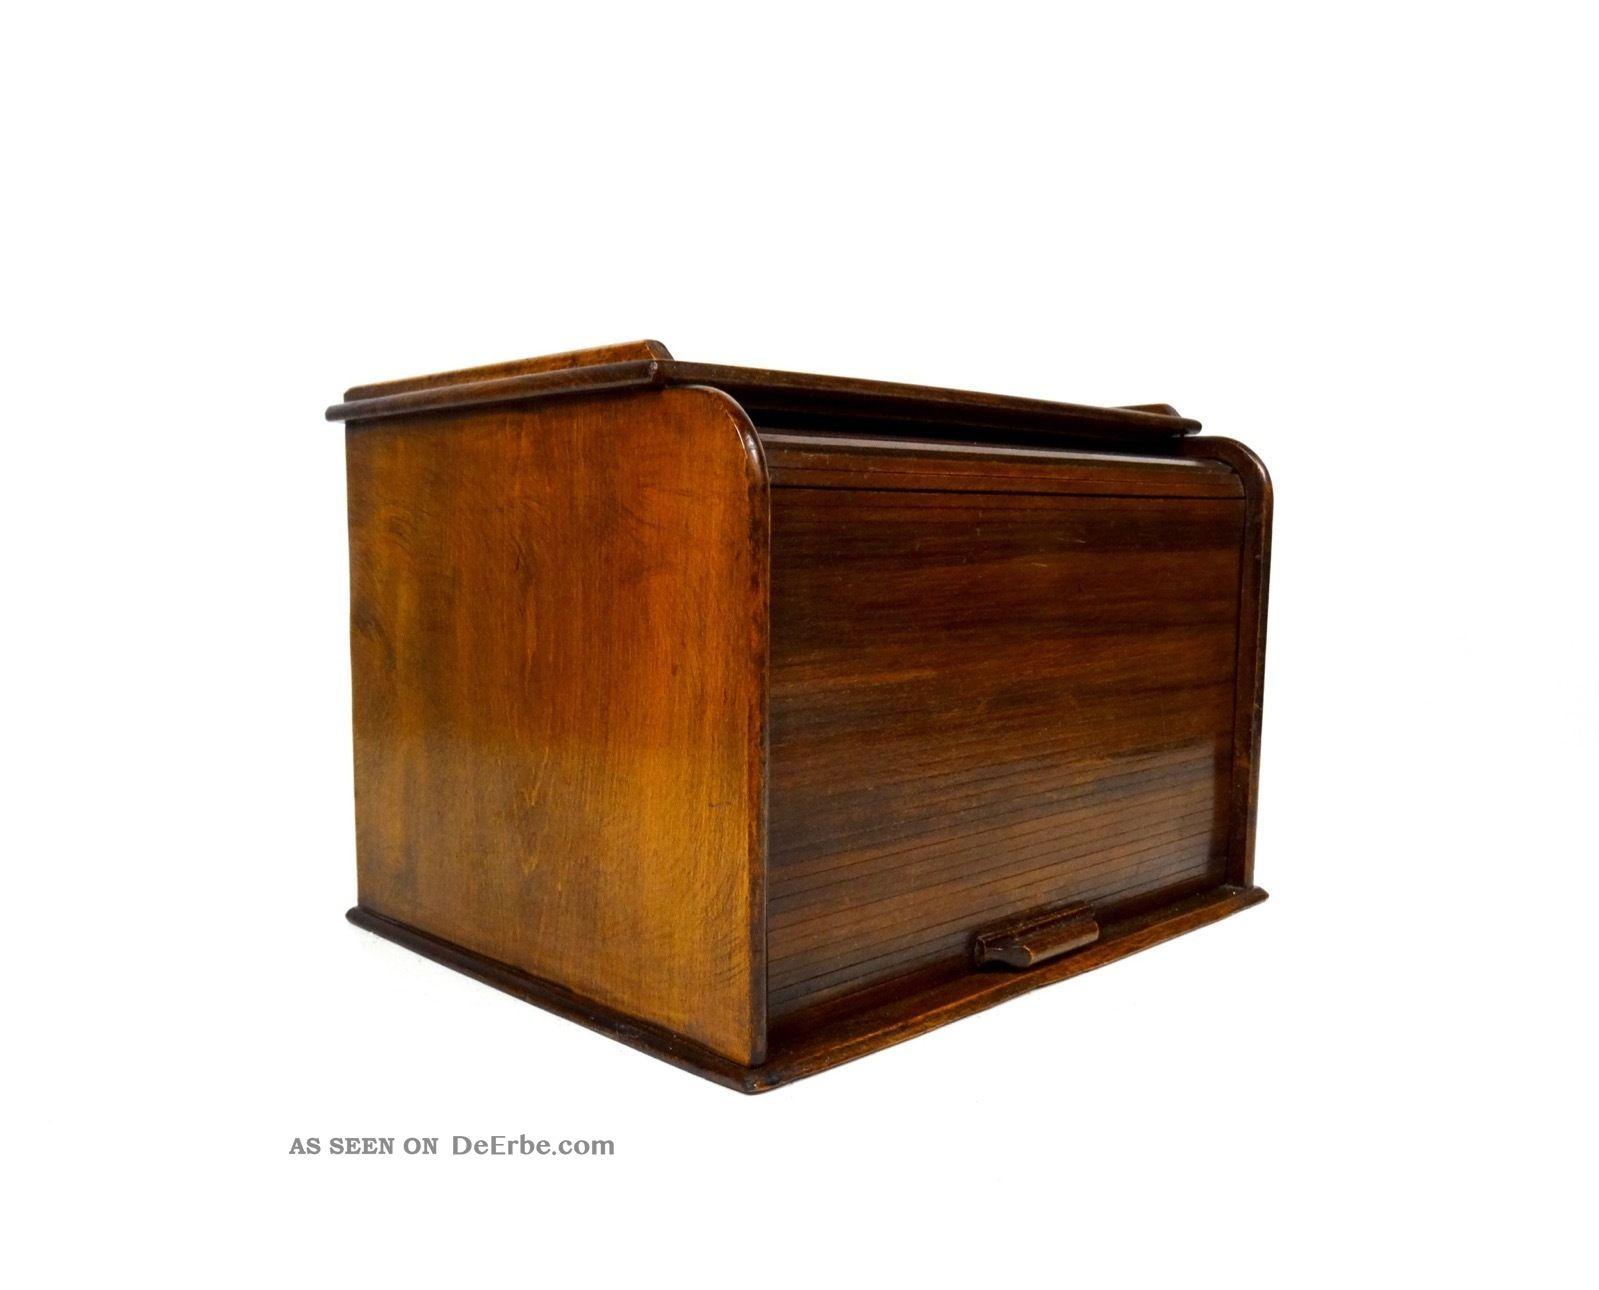 Art Deco Aktenablage Dokumenten Ablage Bauhuas Schreibtisch Utensilo 1930 Antik 1920-1949, Art Déco Bild